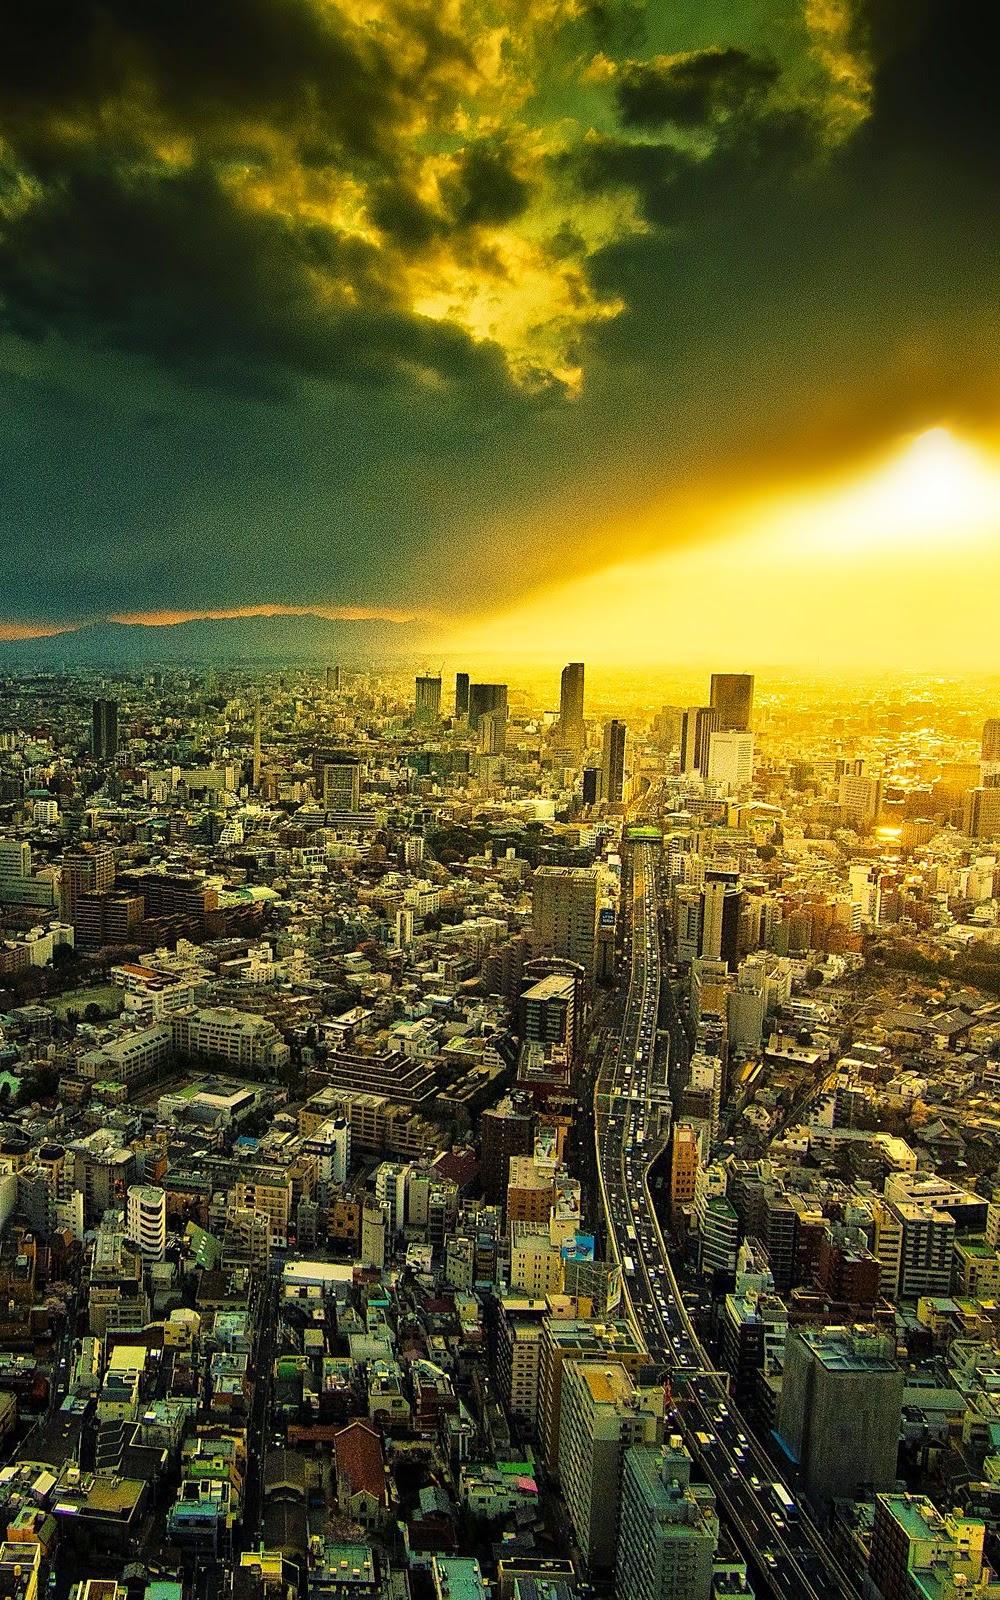 Susana Pemandangan Sunset Di Kota Android Wallpaper Arsitektur